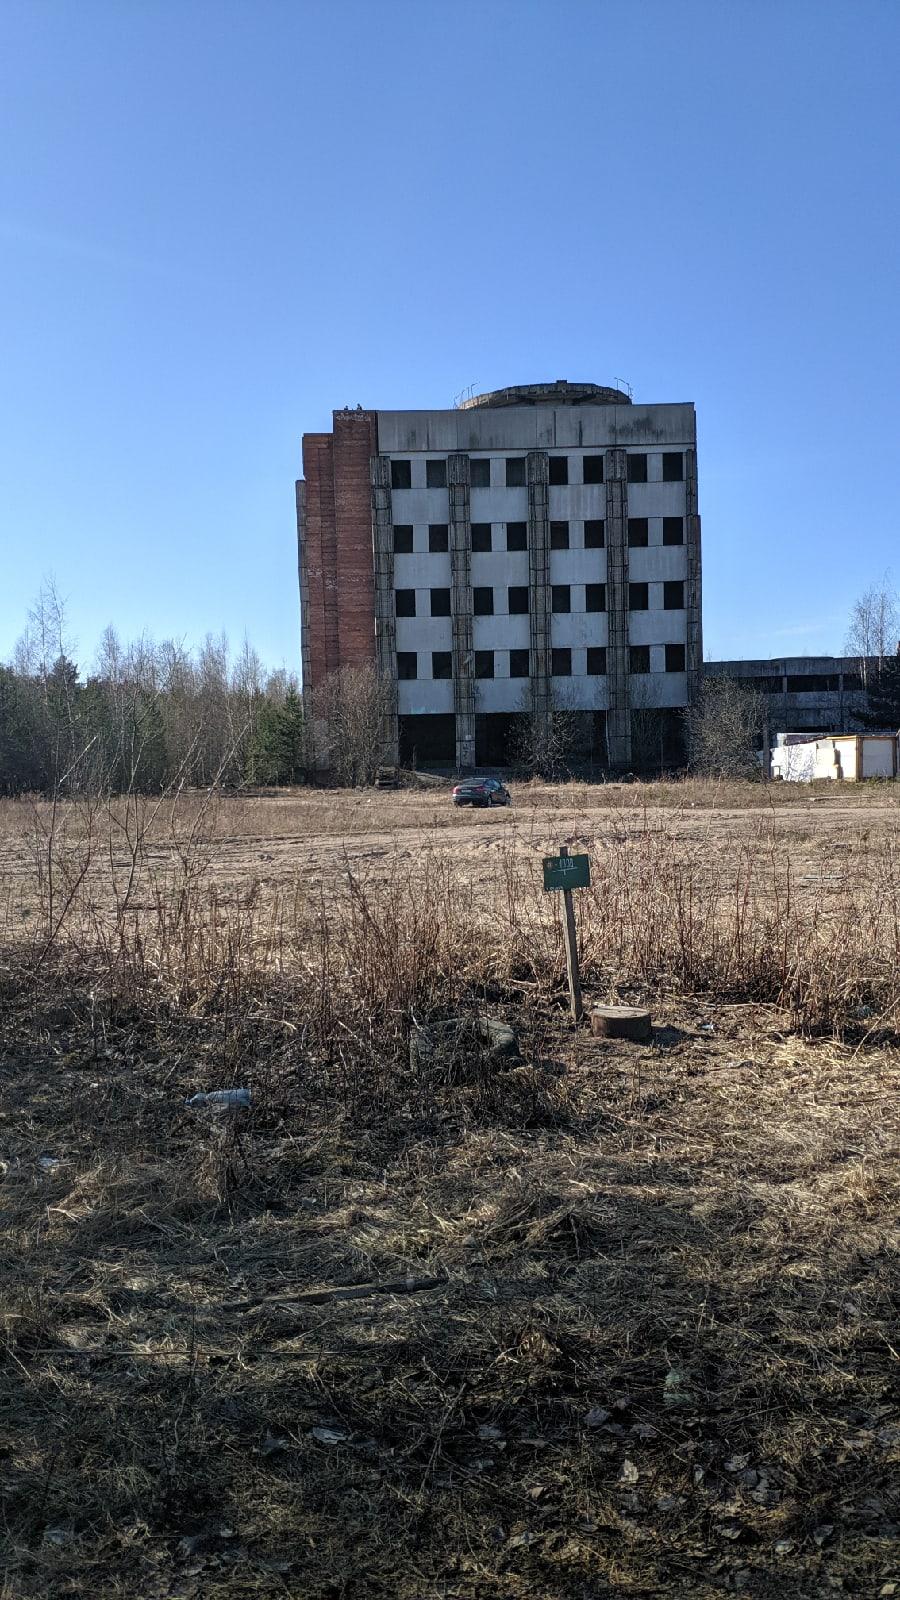 Заброшенный филиал физико-технического института имени А. Ф. Иоффе